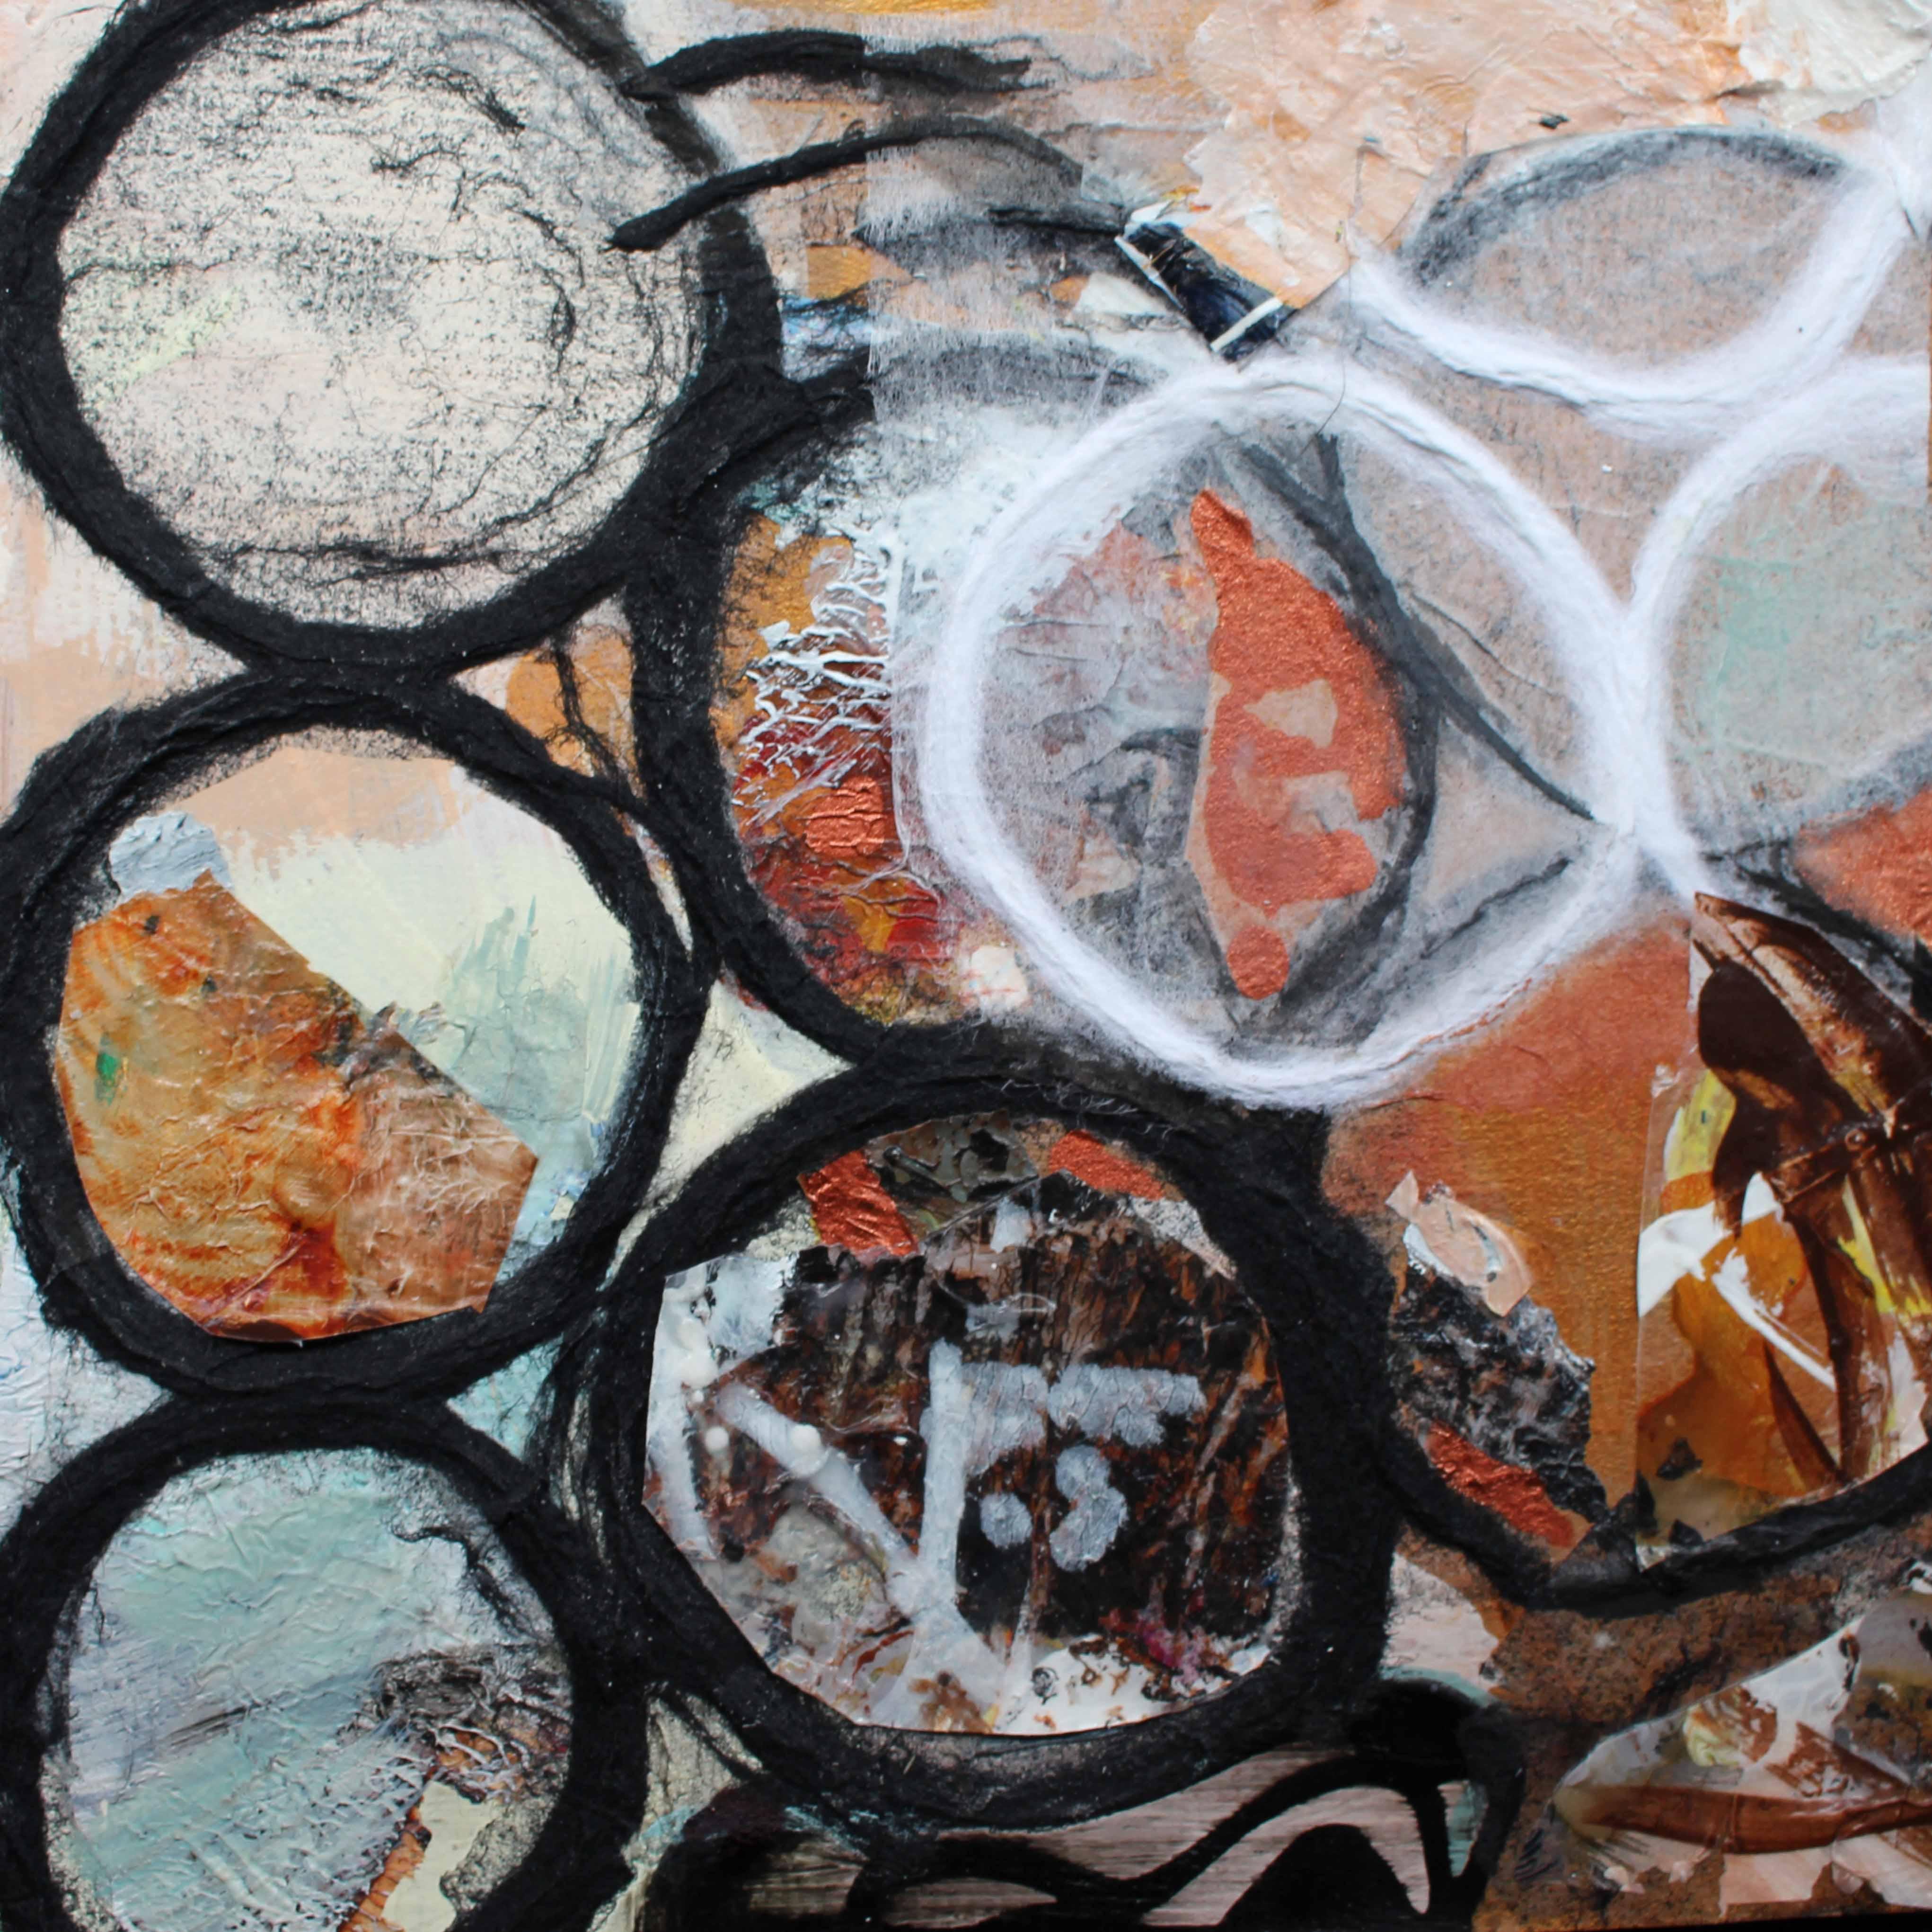 Dynamic life 2  185 x 185 mm Acrylic on card - framed  160